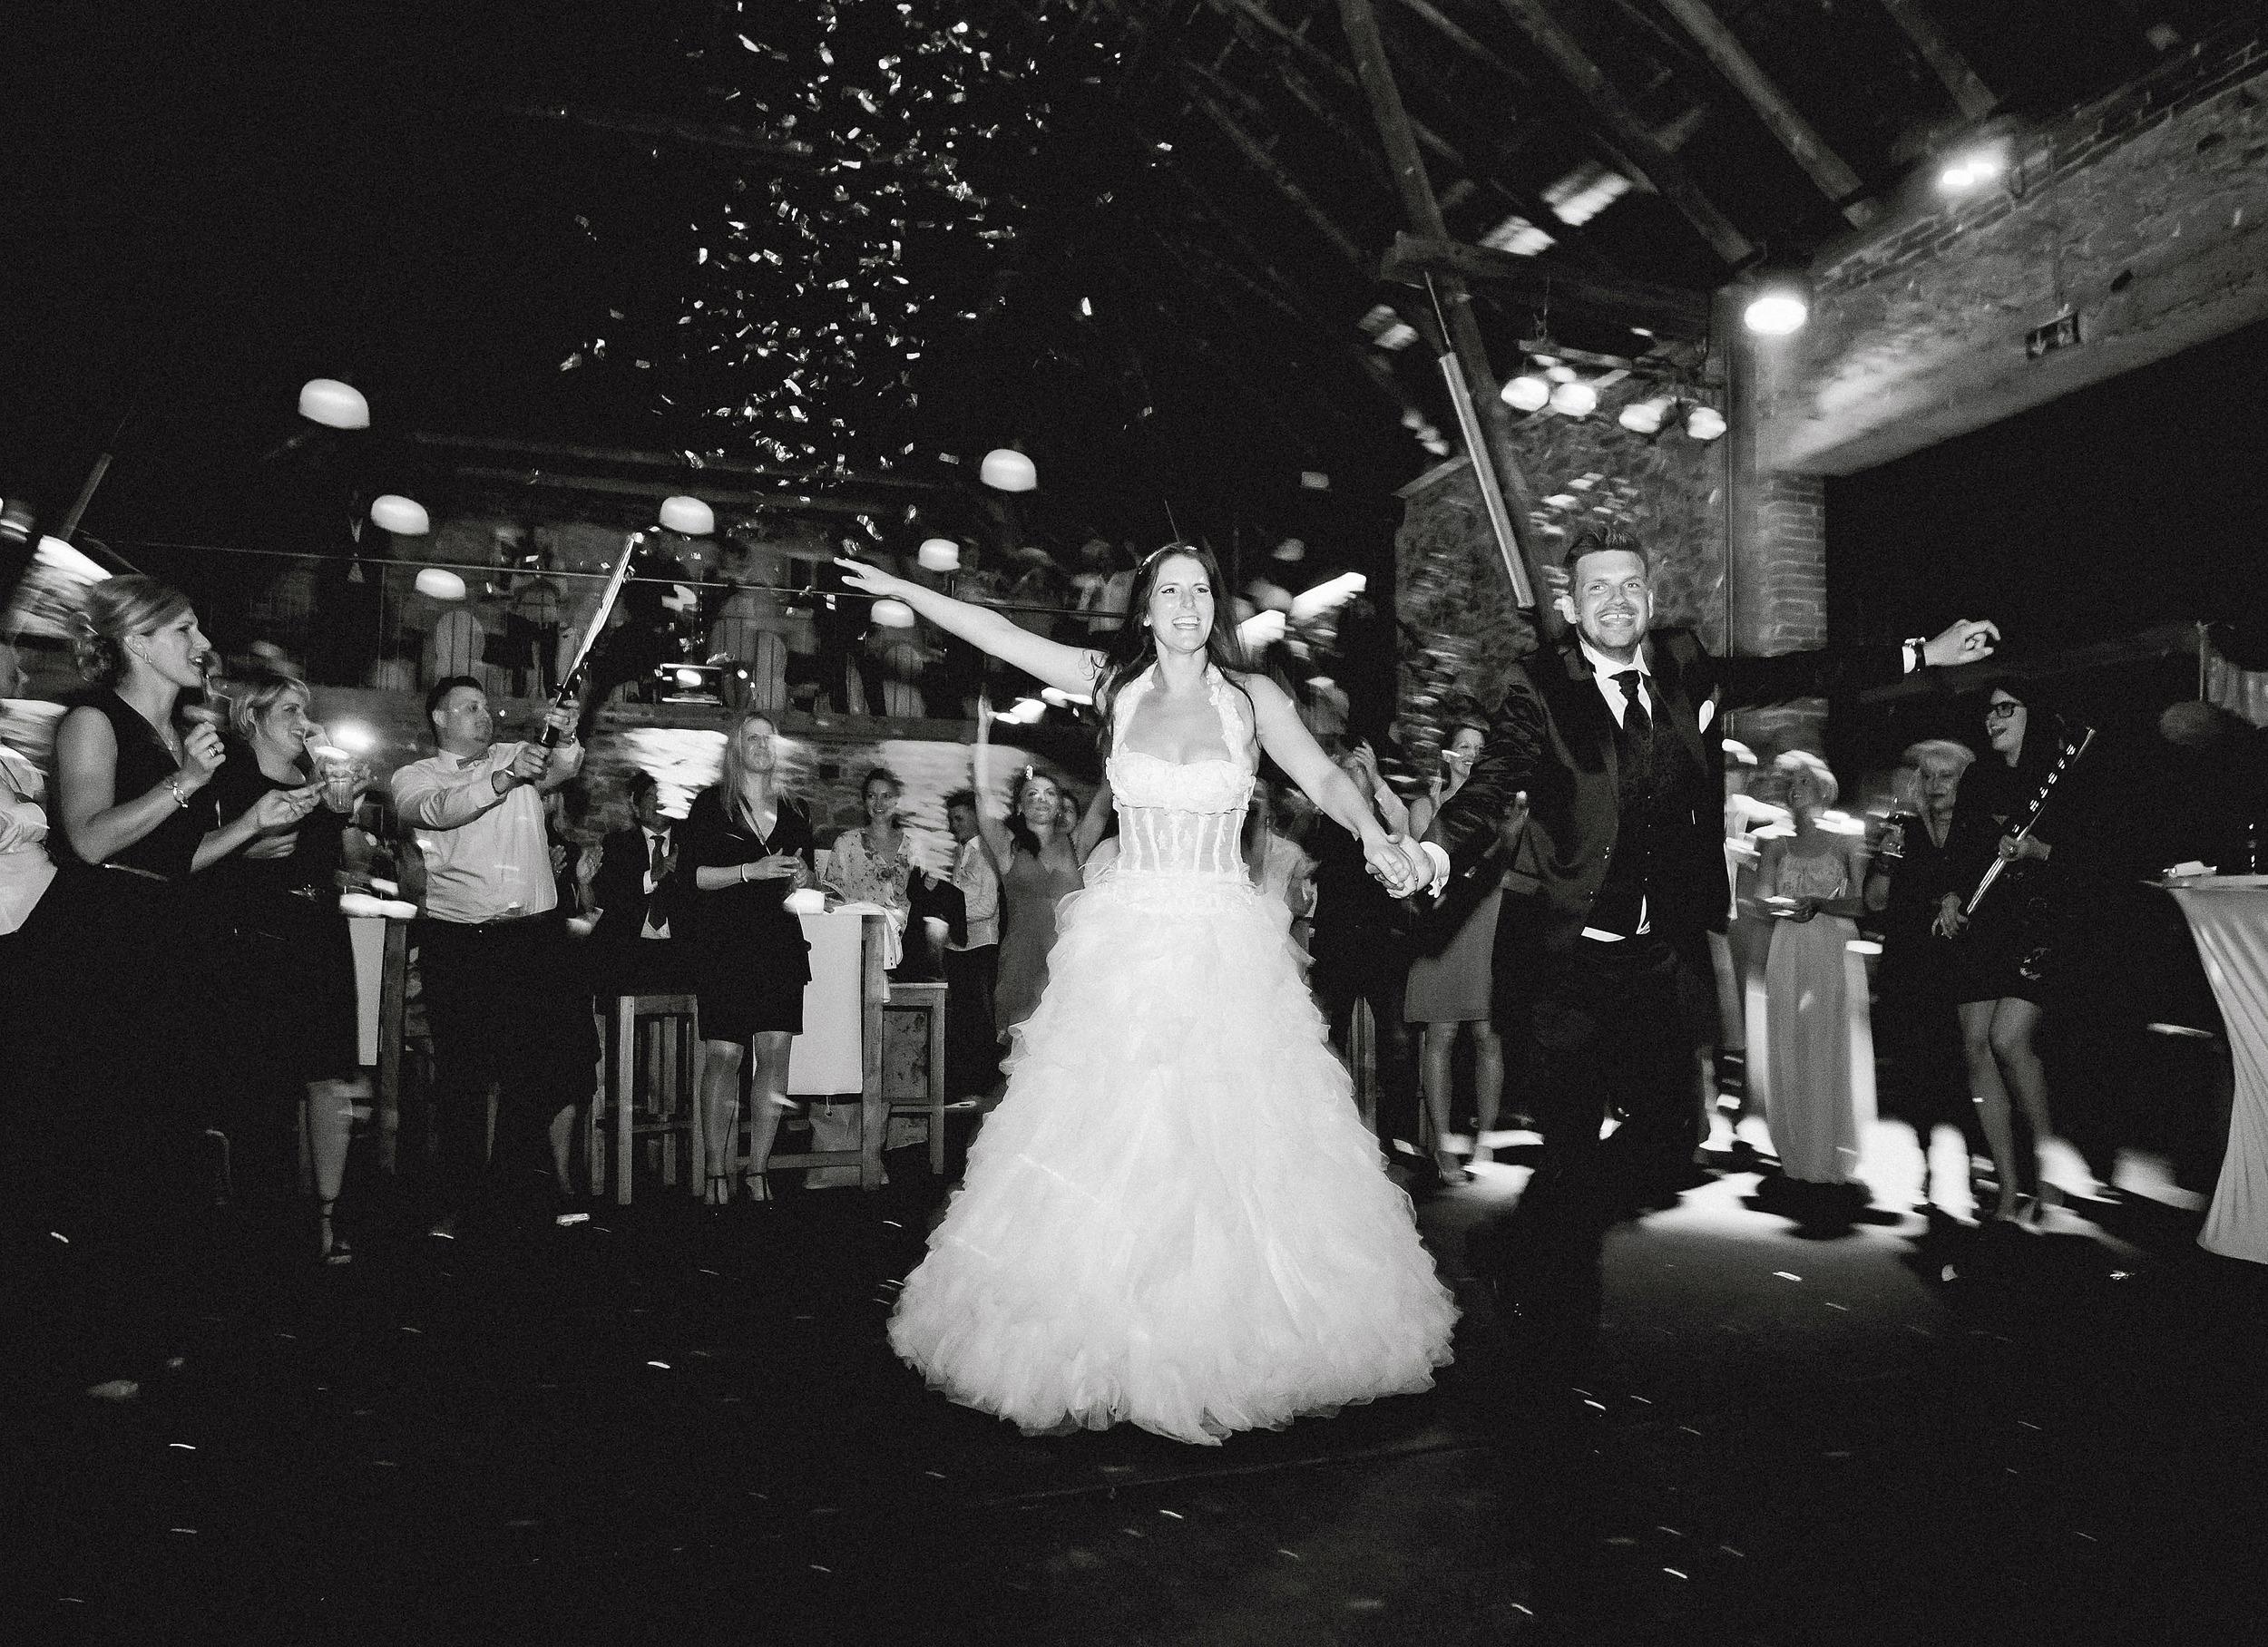 Hochzeit_741sw.jpg